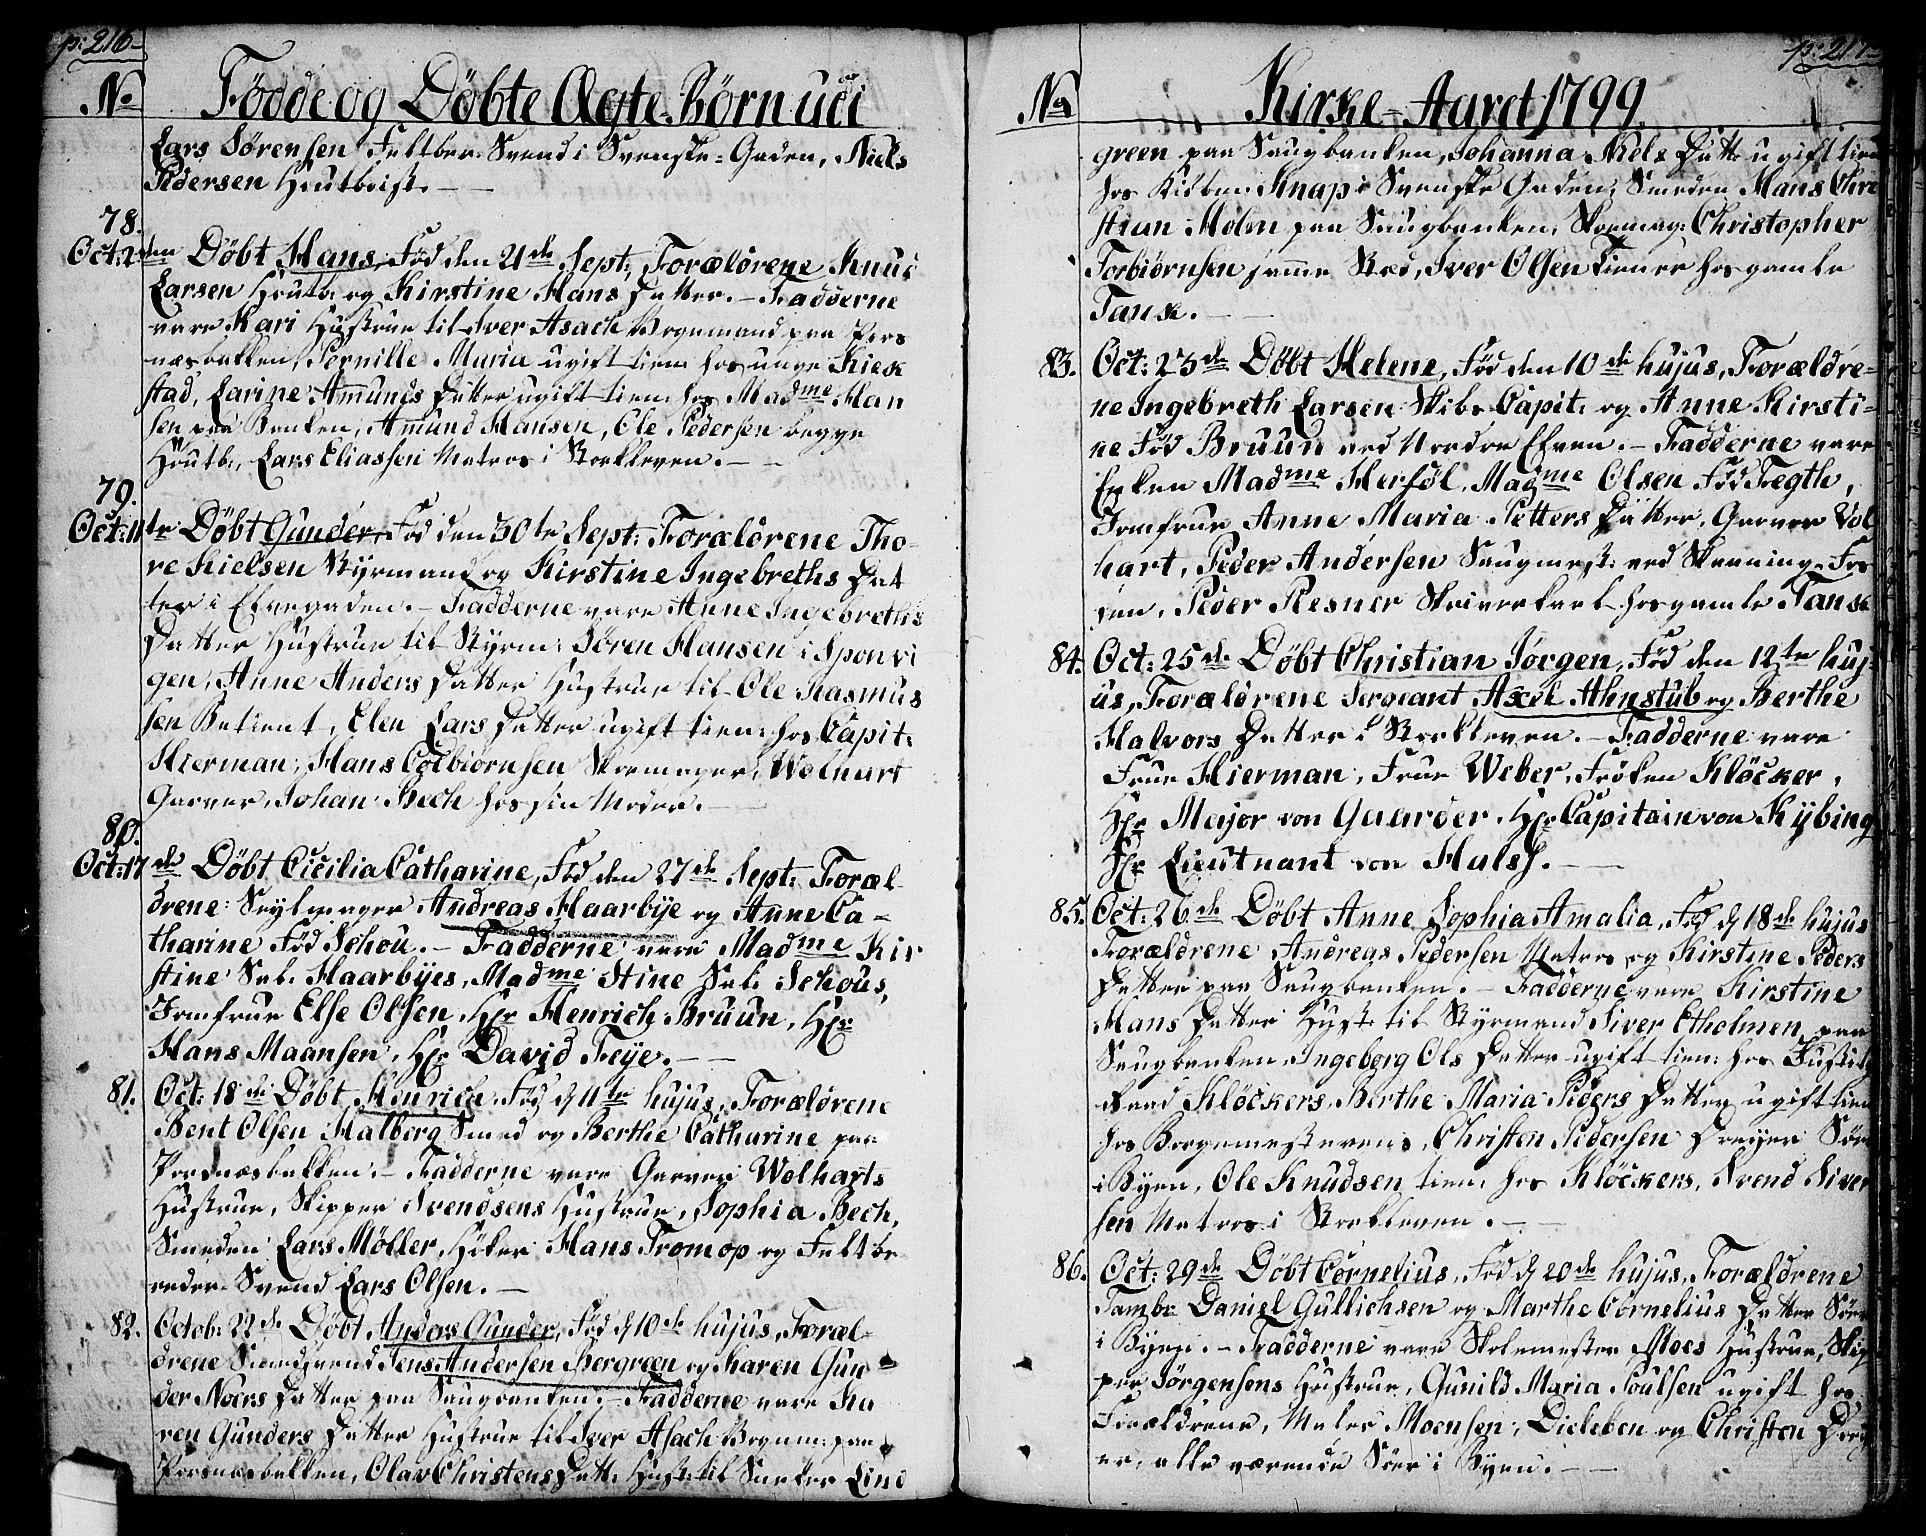 SAO, Halden prestekontor Kirkebøker, F/Fa/L0002: Ministerialbok nr. I 2, 1792-1812, s. 216-217